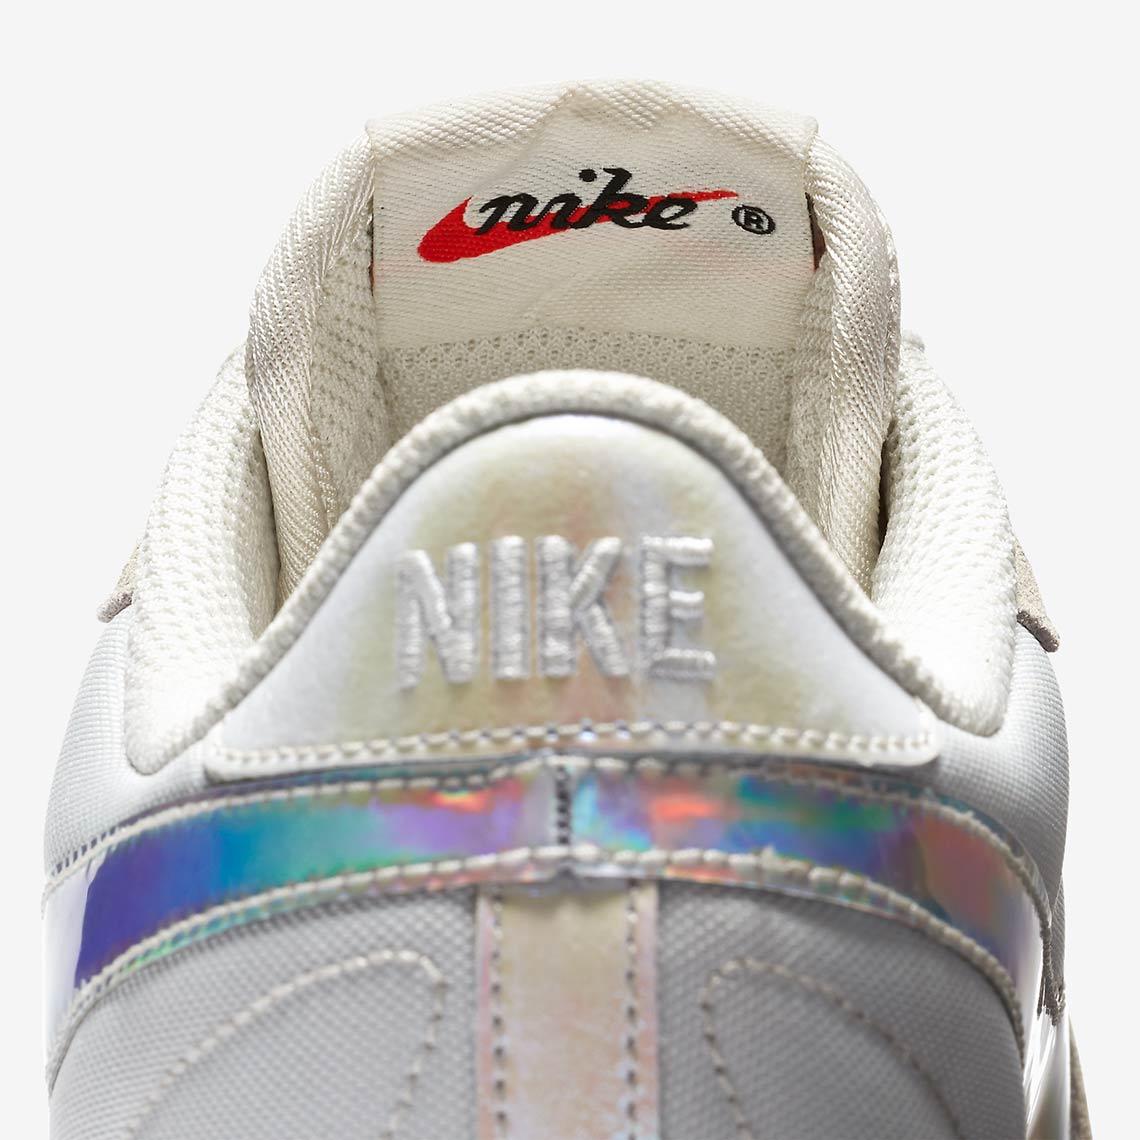 bb89b9e39e7e94 Nike Pre-Love OX Rainbow AO3166-100 Available Now